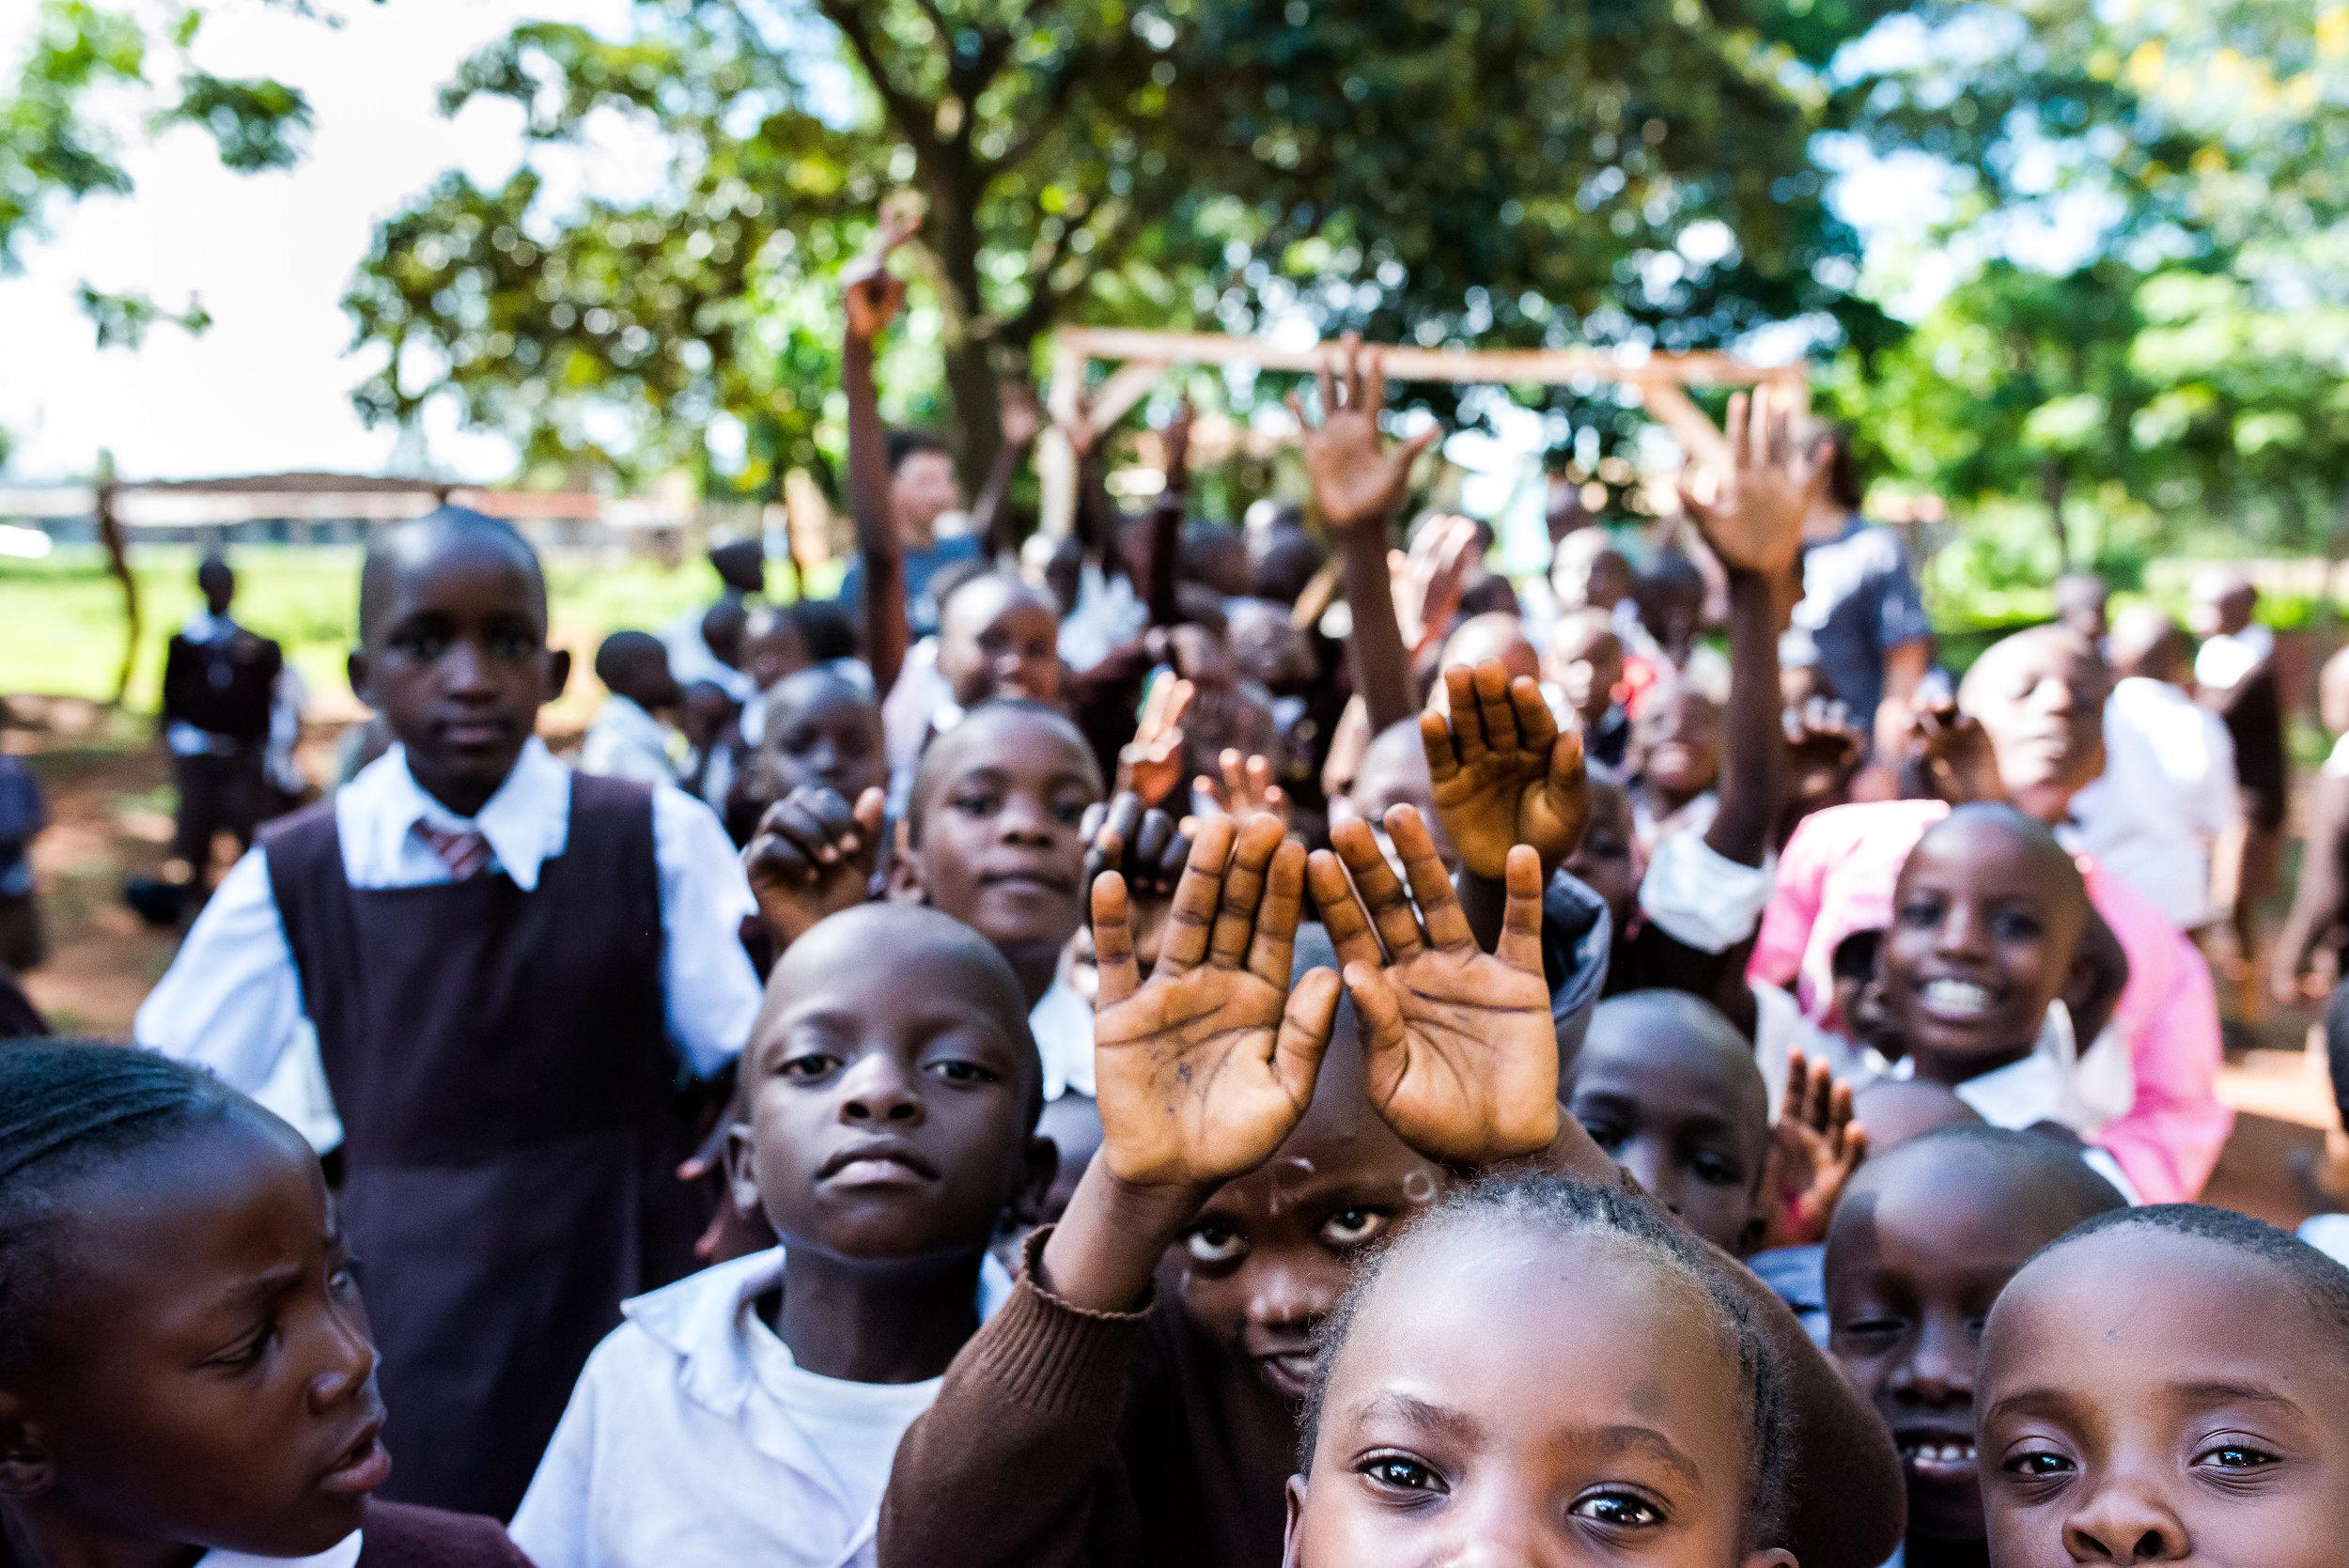 LUVLENS_KidsLacrosseTheWorld_Kenya_2016-34.jpg